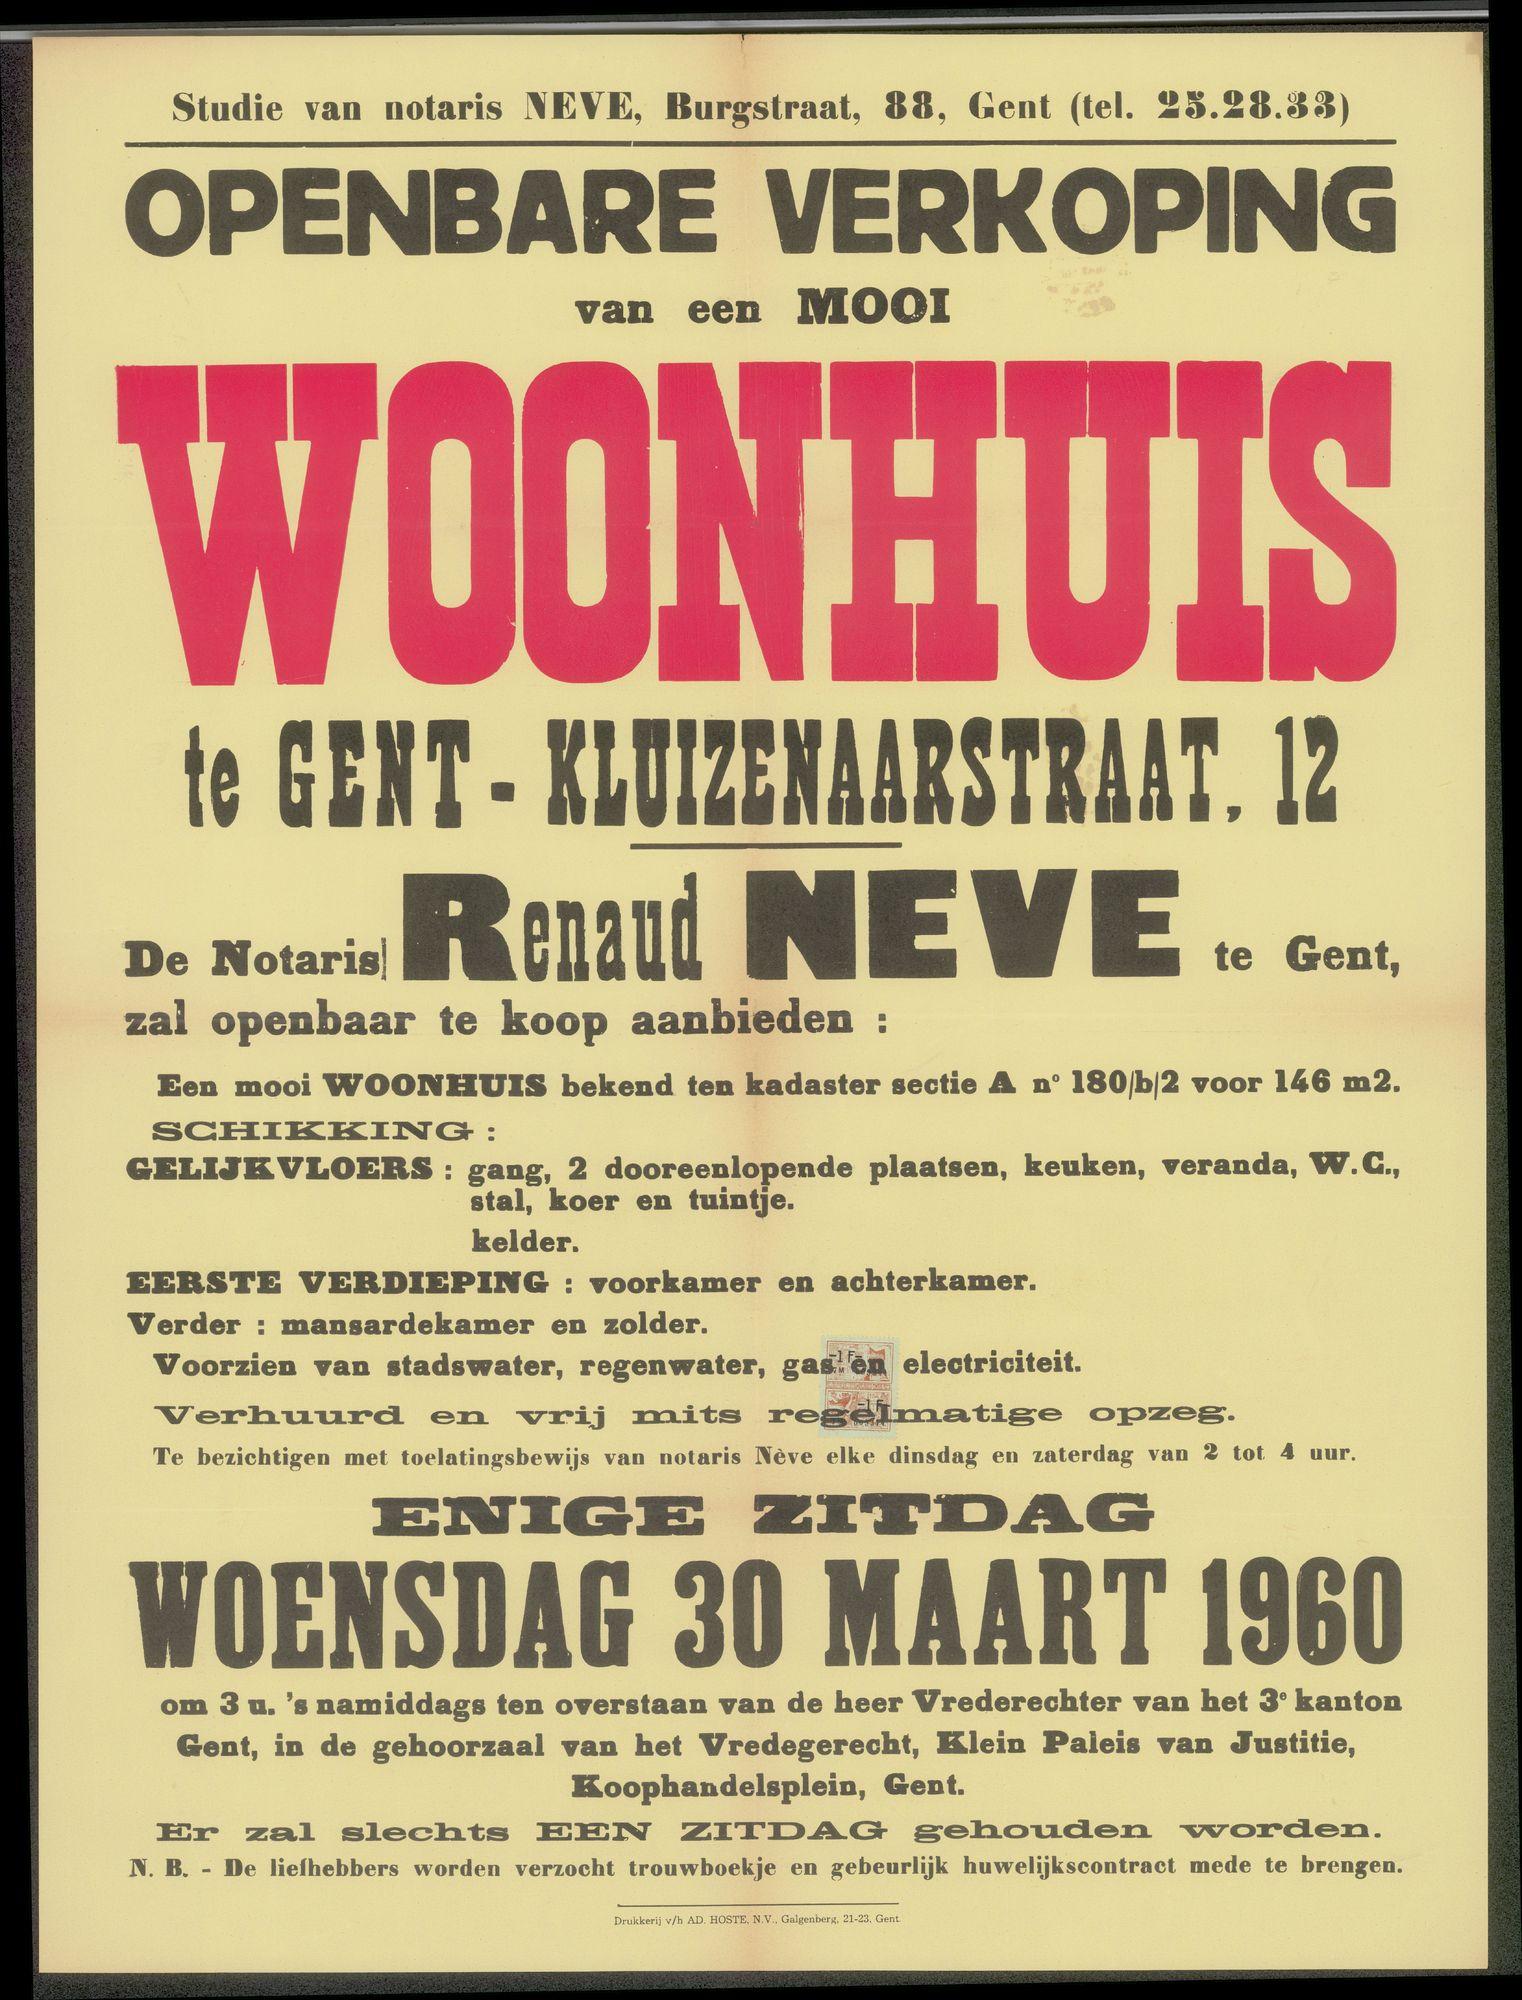 Openbare verkoop van een mooi woonhuis te Gent - Kluizenaarstraat, nr.12, Gent, 30 maart 1960